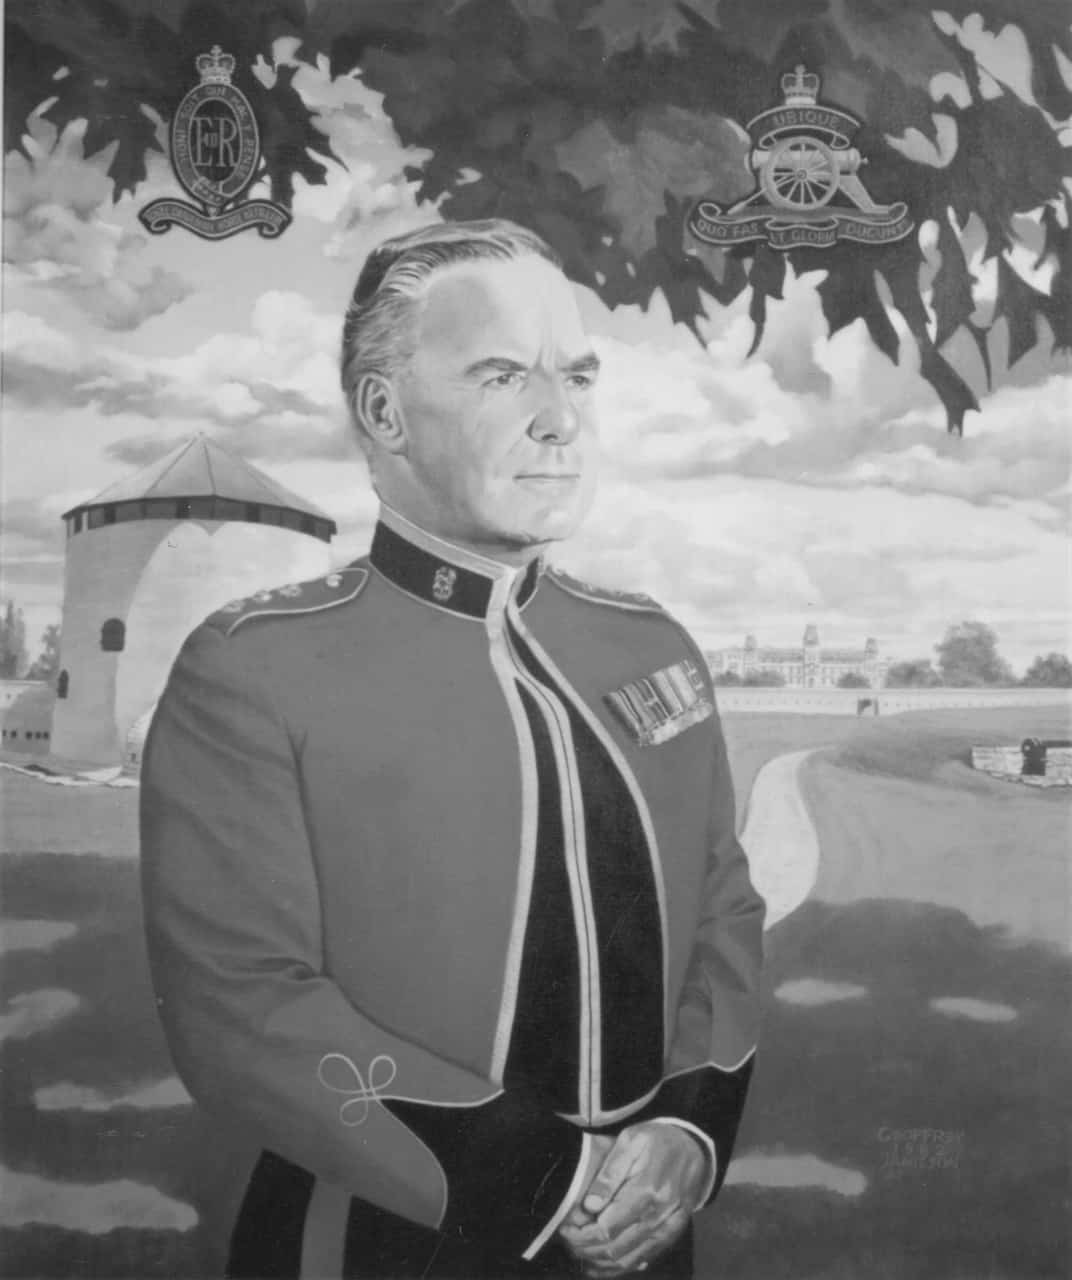 Brigadier-General-W.W.-Turner-CD-1921-2016-3